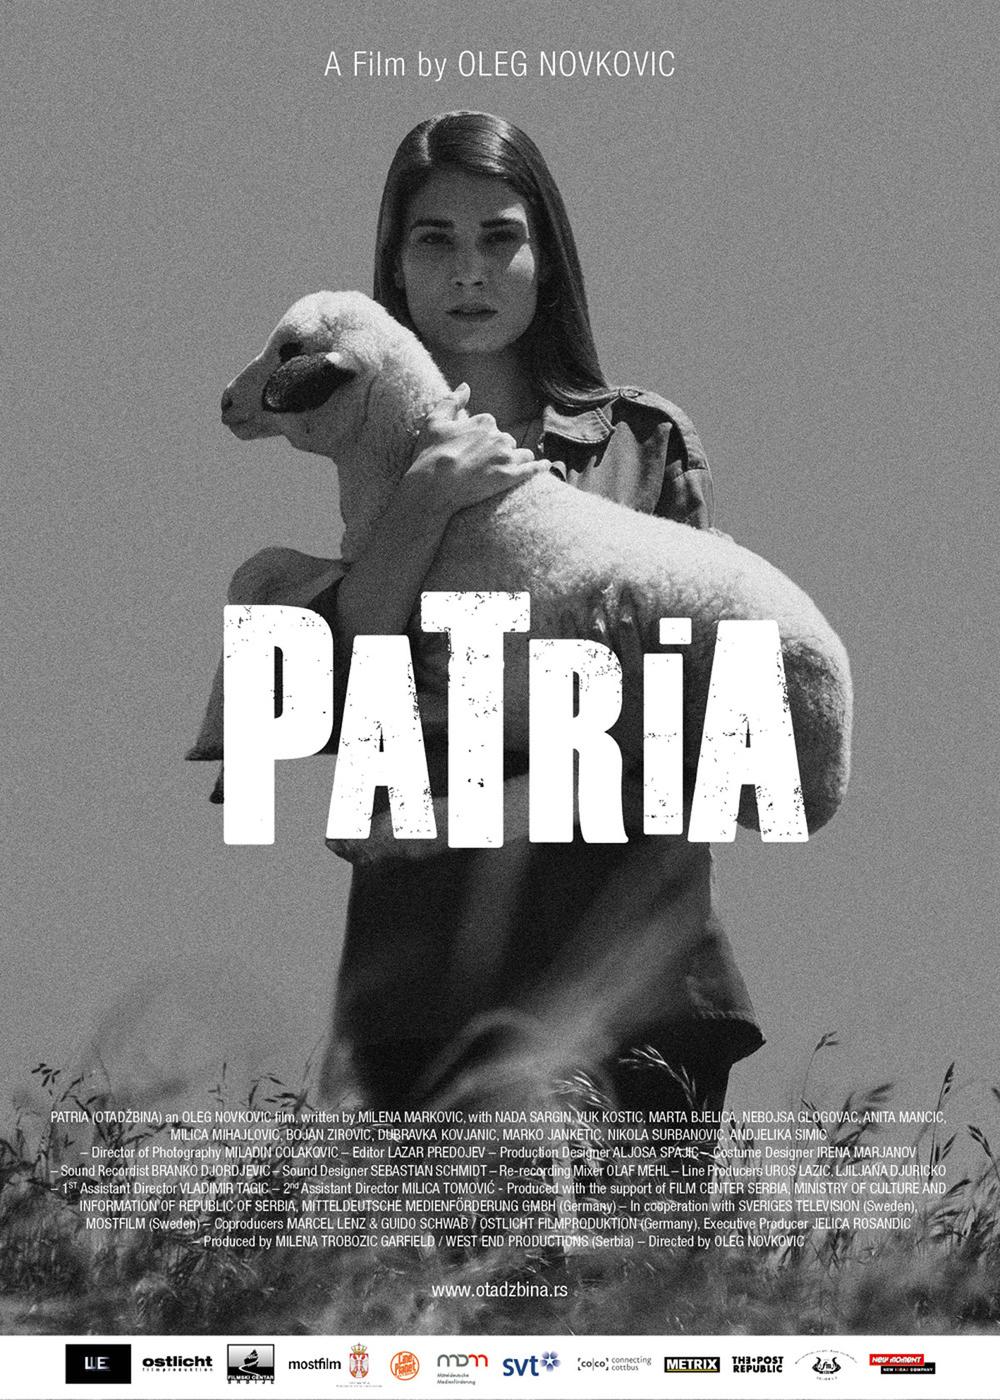 Claritta Kratochwil - Patria_ostlicht filmproduktion.jpg